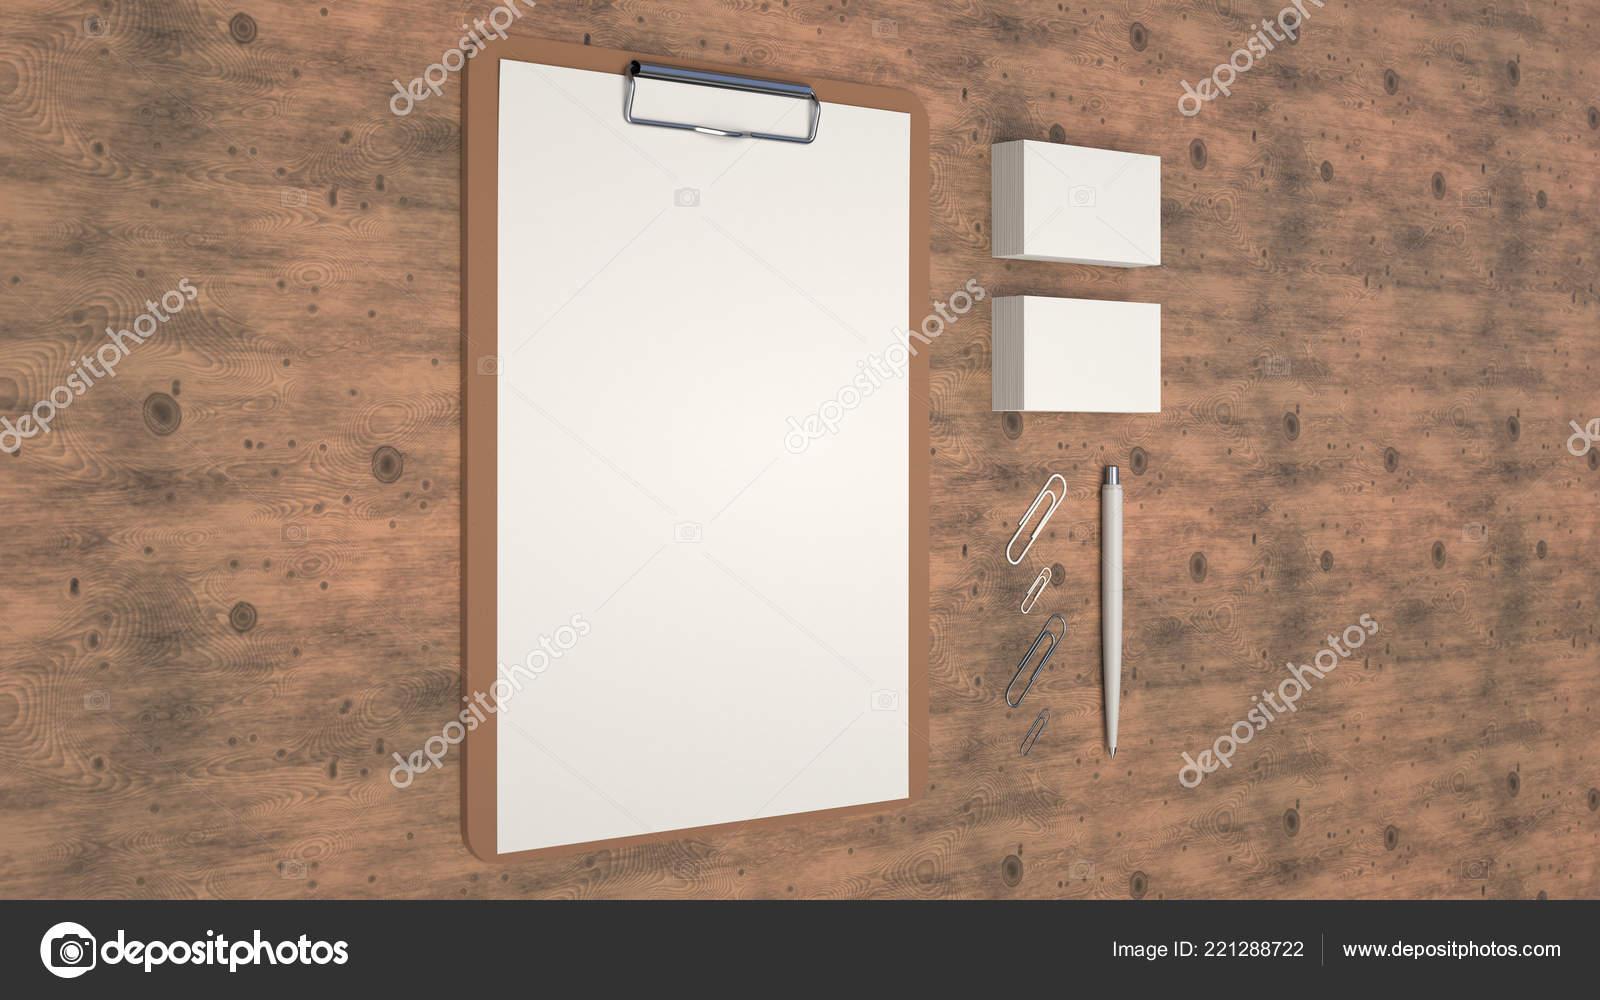 Presse Papiers Avec Feuille De Papier Cartes Visite Trombones Et Automatique Stylo A Bille Sur Table En Bois Blanc Maquette Limage Marque